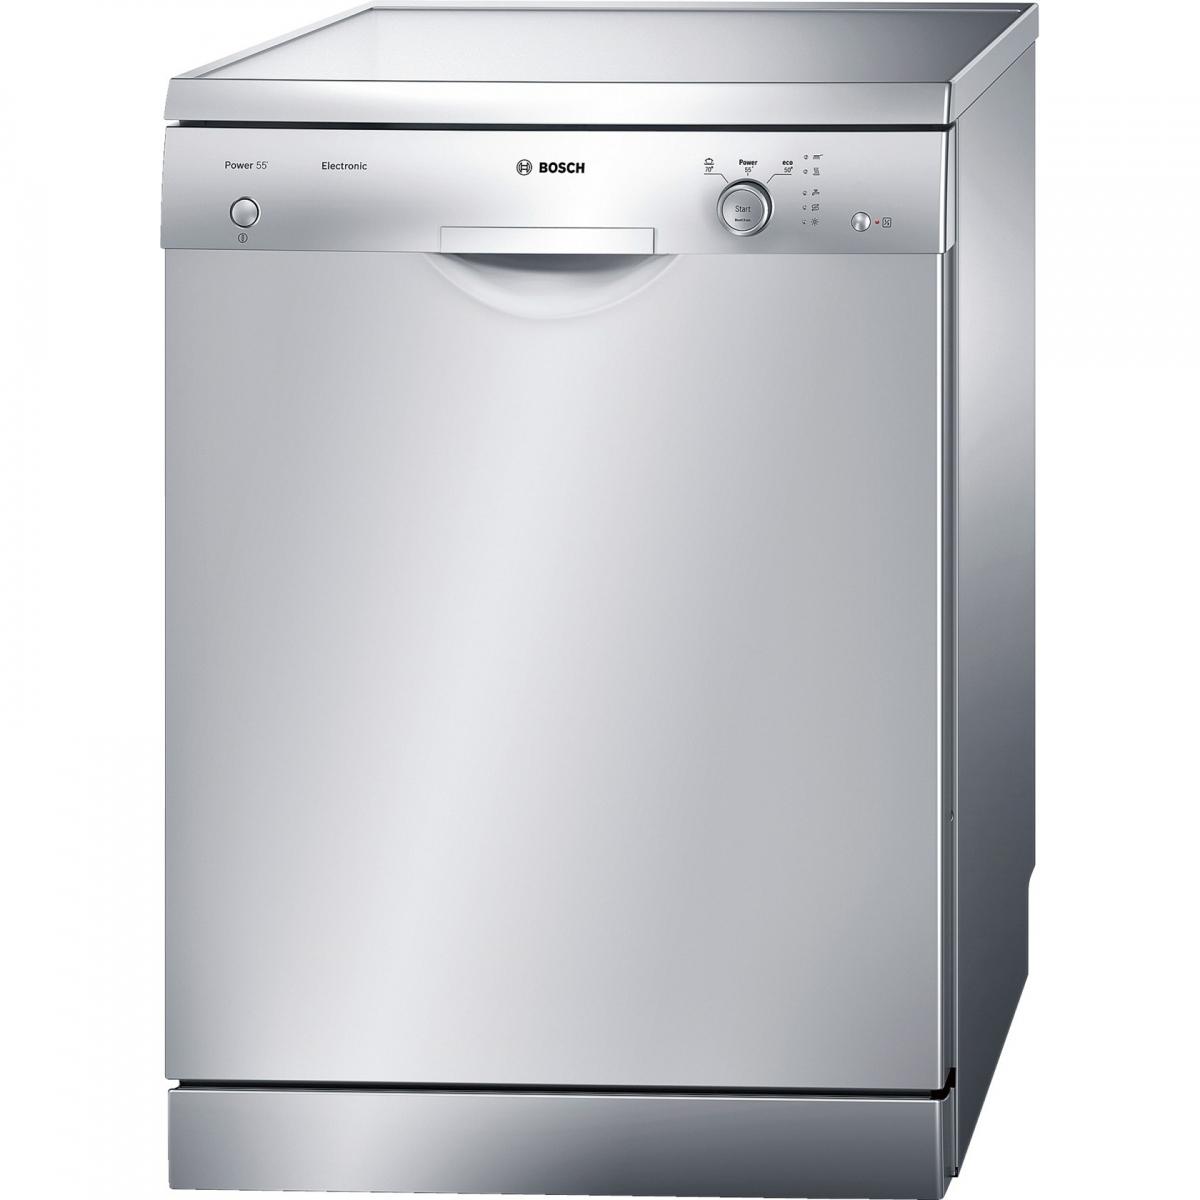 Lave vaisselle bosch encastrable bosch sms d eu with lave - Lave vaisselle avec tiroir a couverts pas cher ...